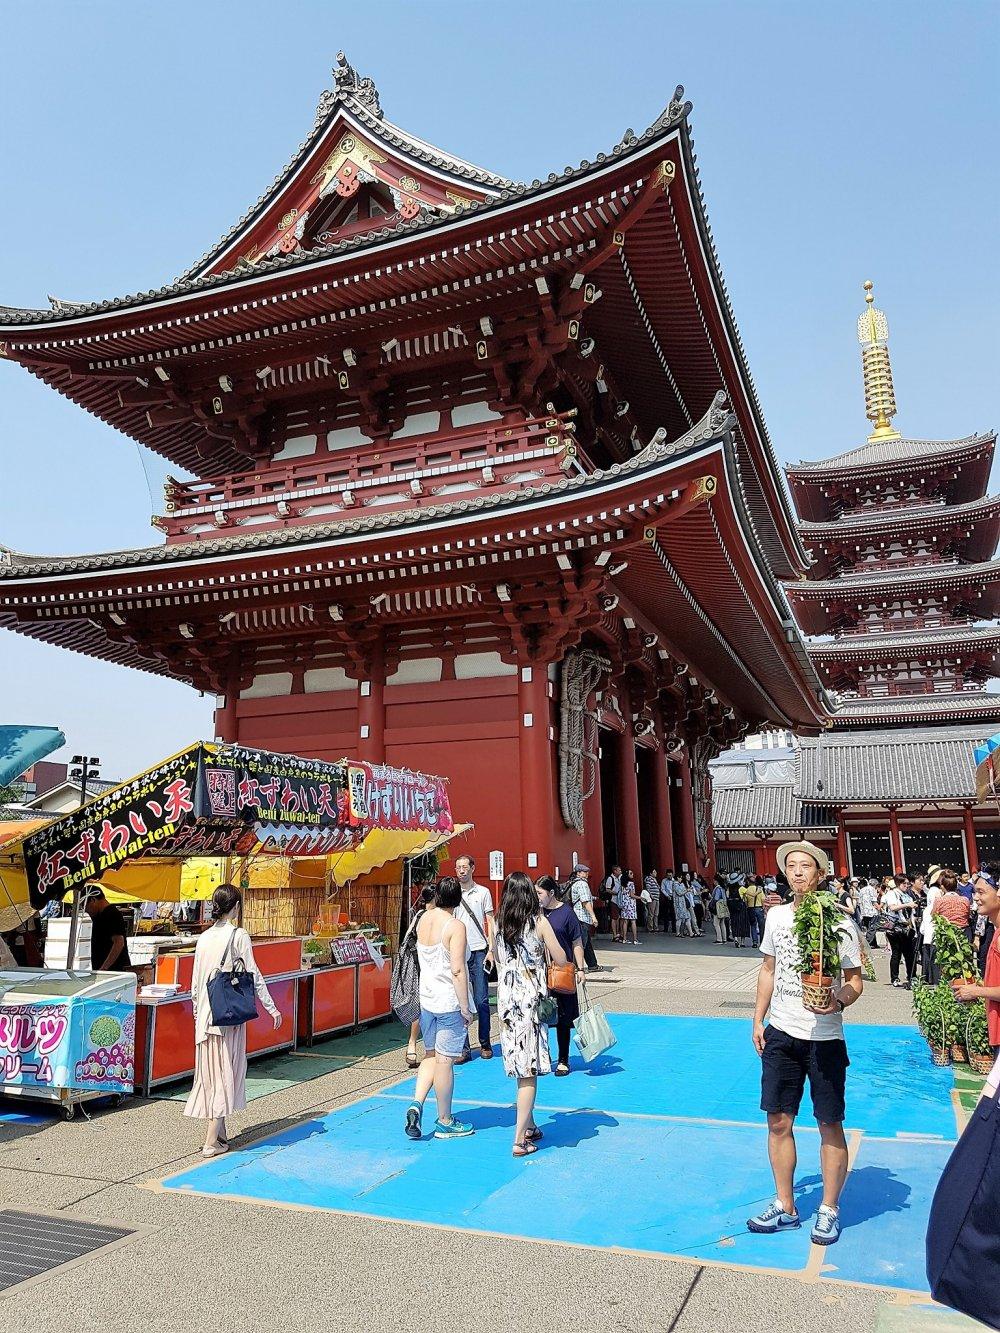 เที่ยวงานวัดในอะสะคุสะ โตเกียว